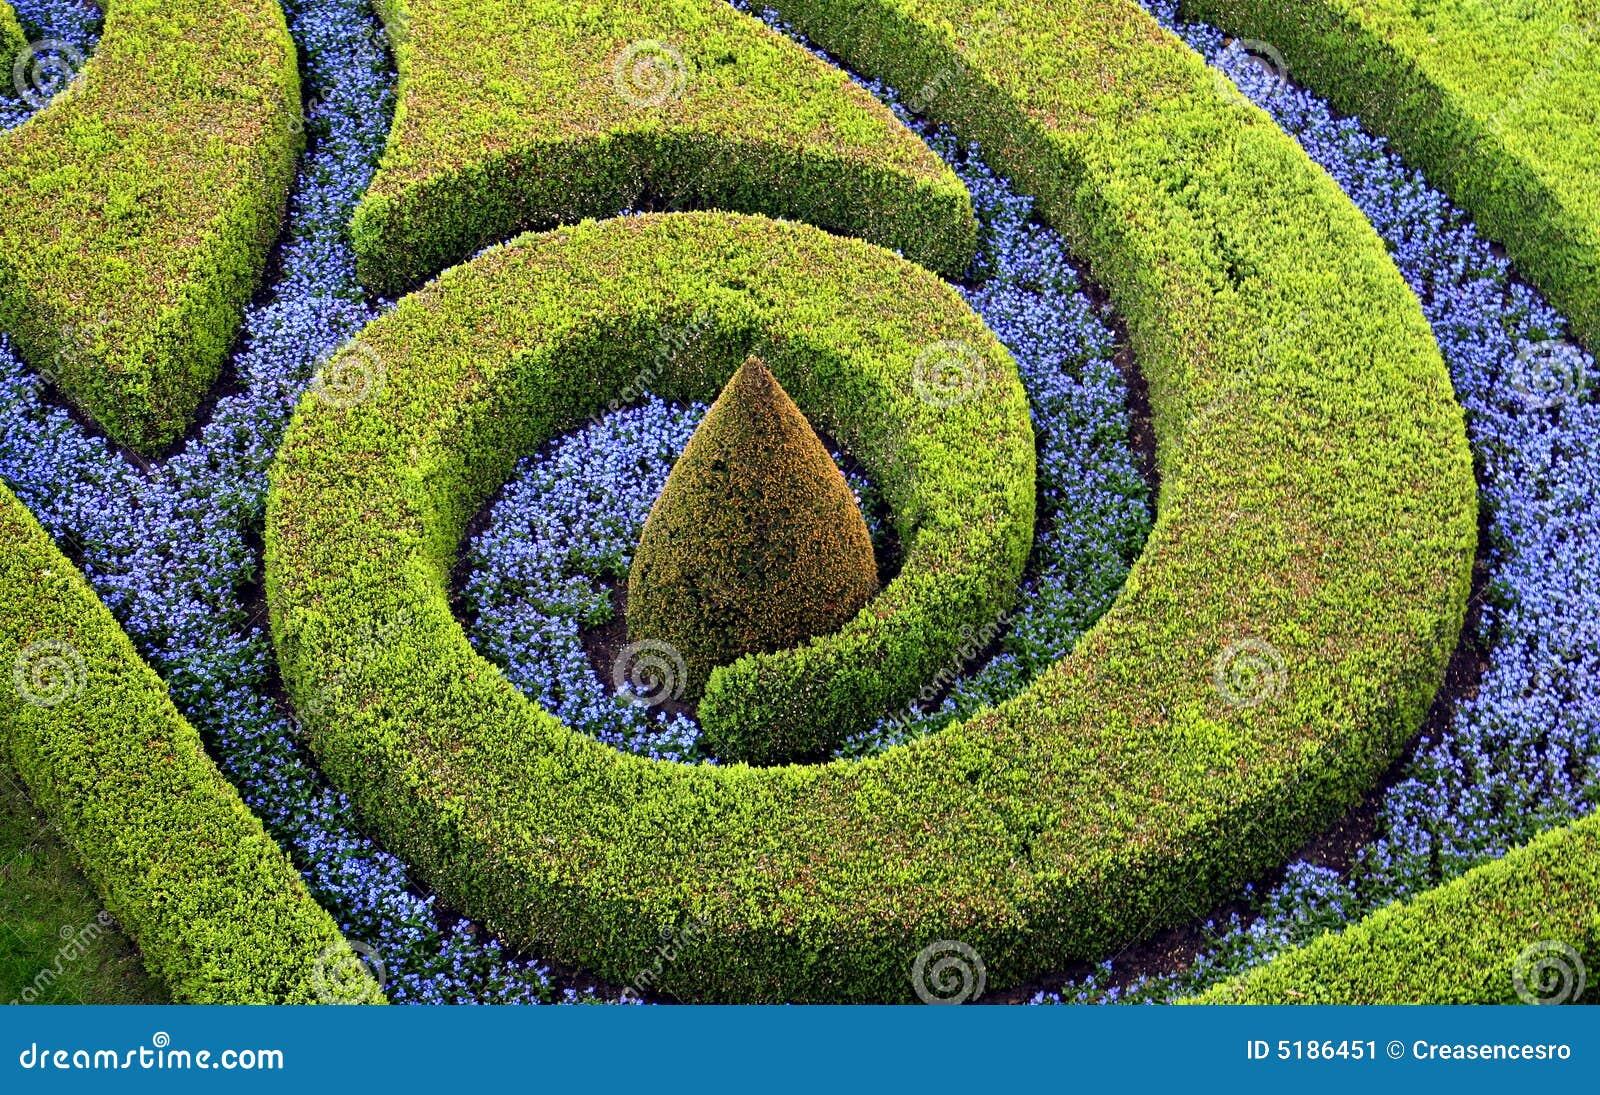 Tagli i cespugli ed i fiori immagine stock immagine 5186451 for Cespugli giardino